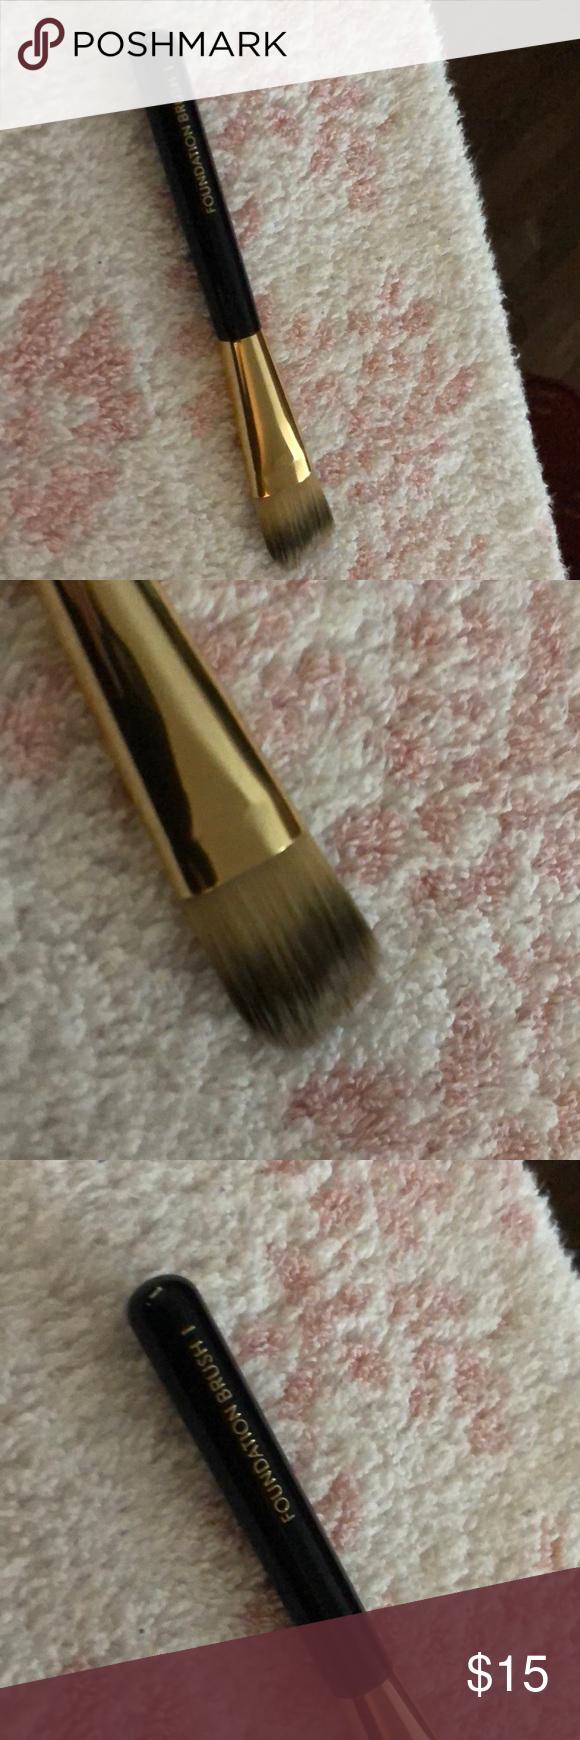 Estée makeup brush Makeup brushes, Makeup, Makeup tools